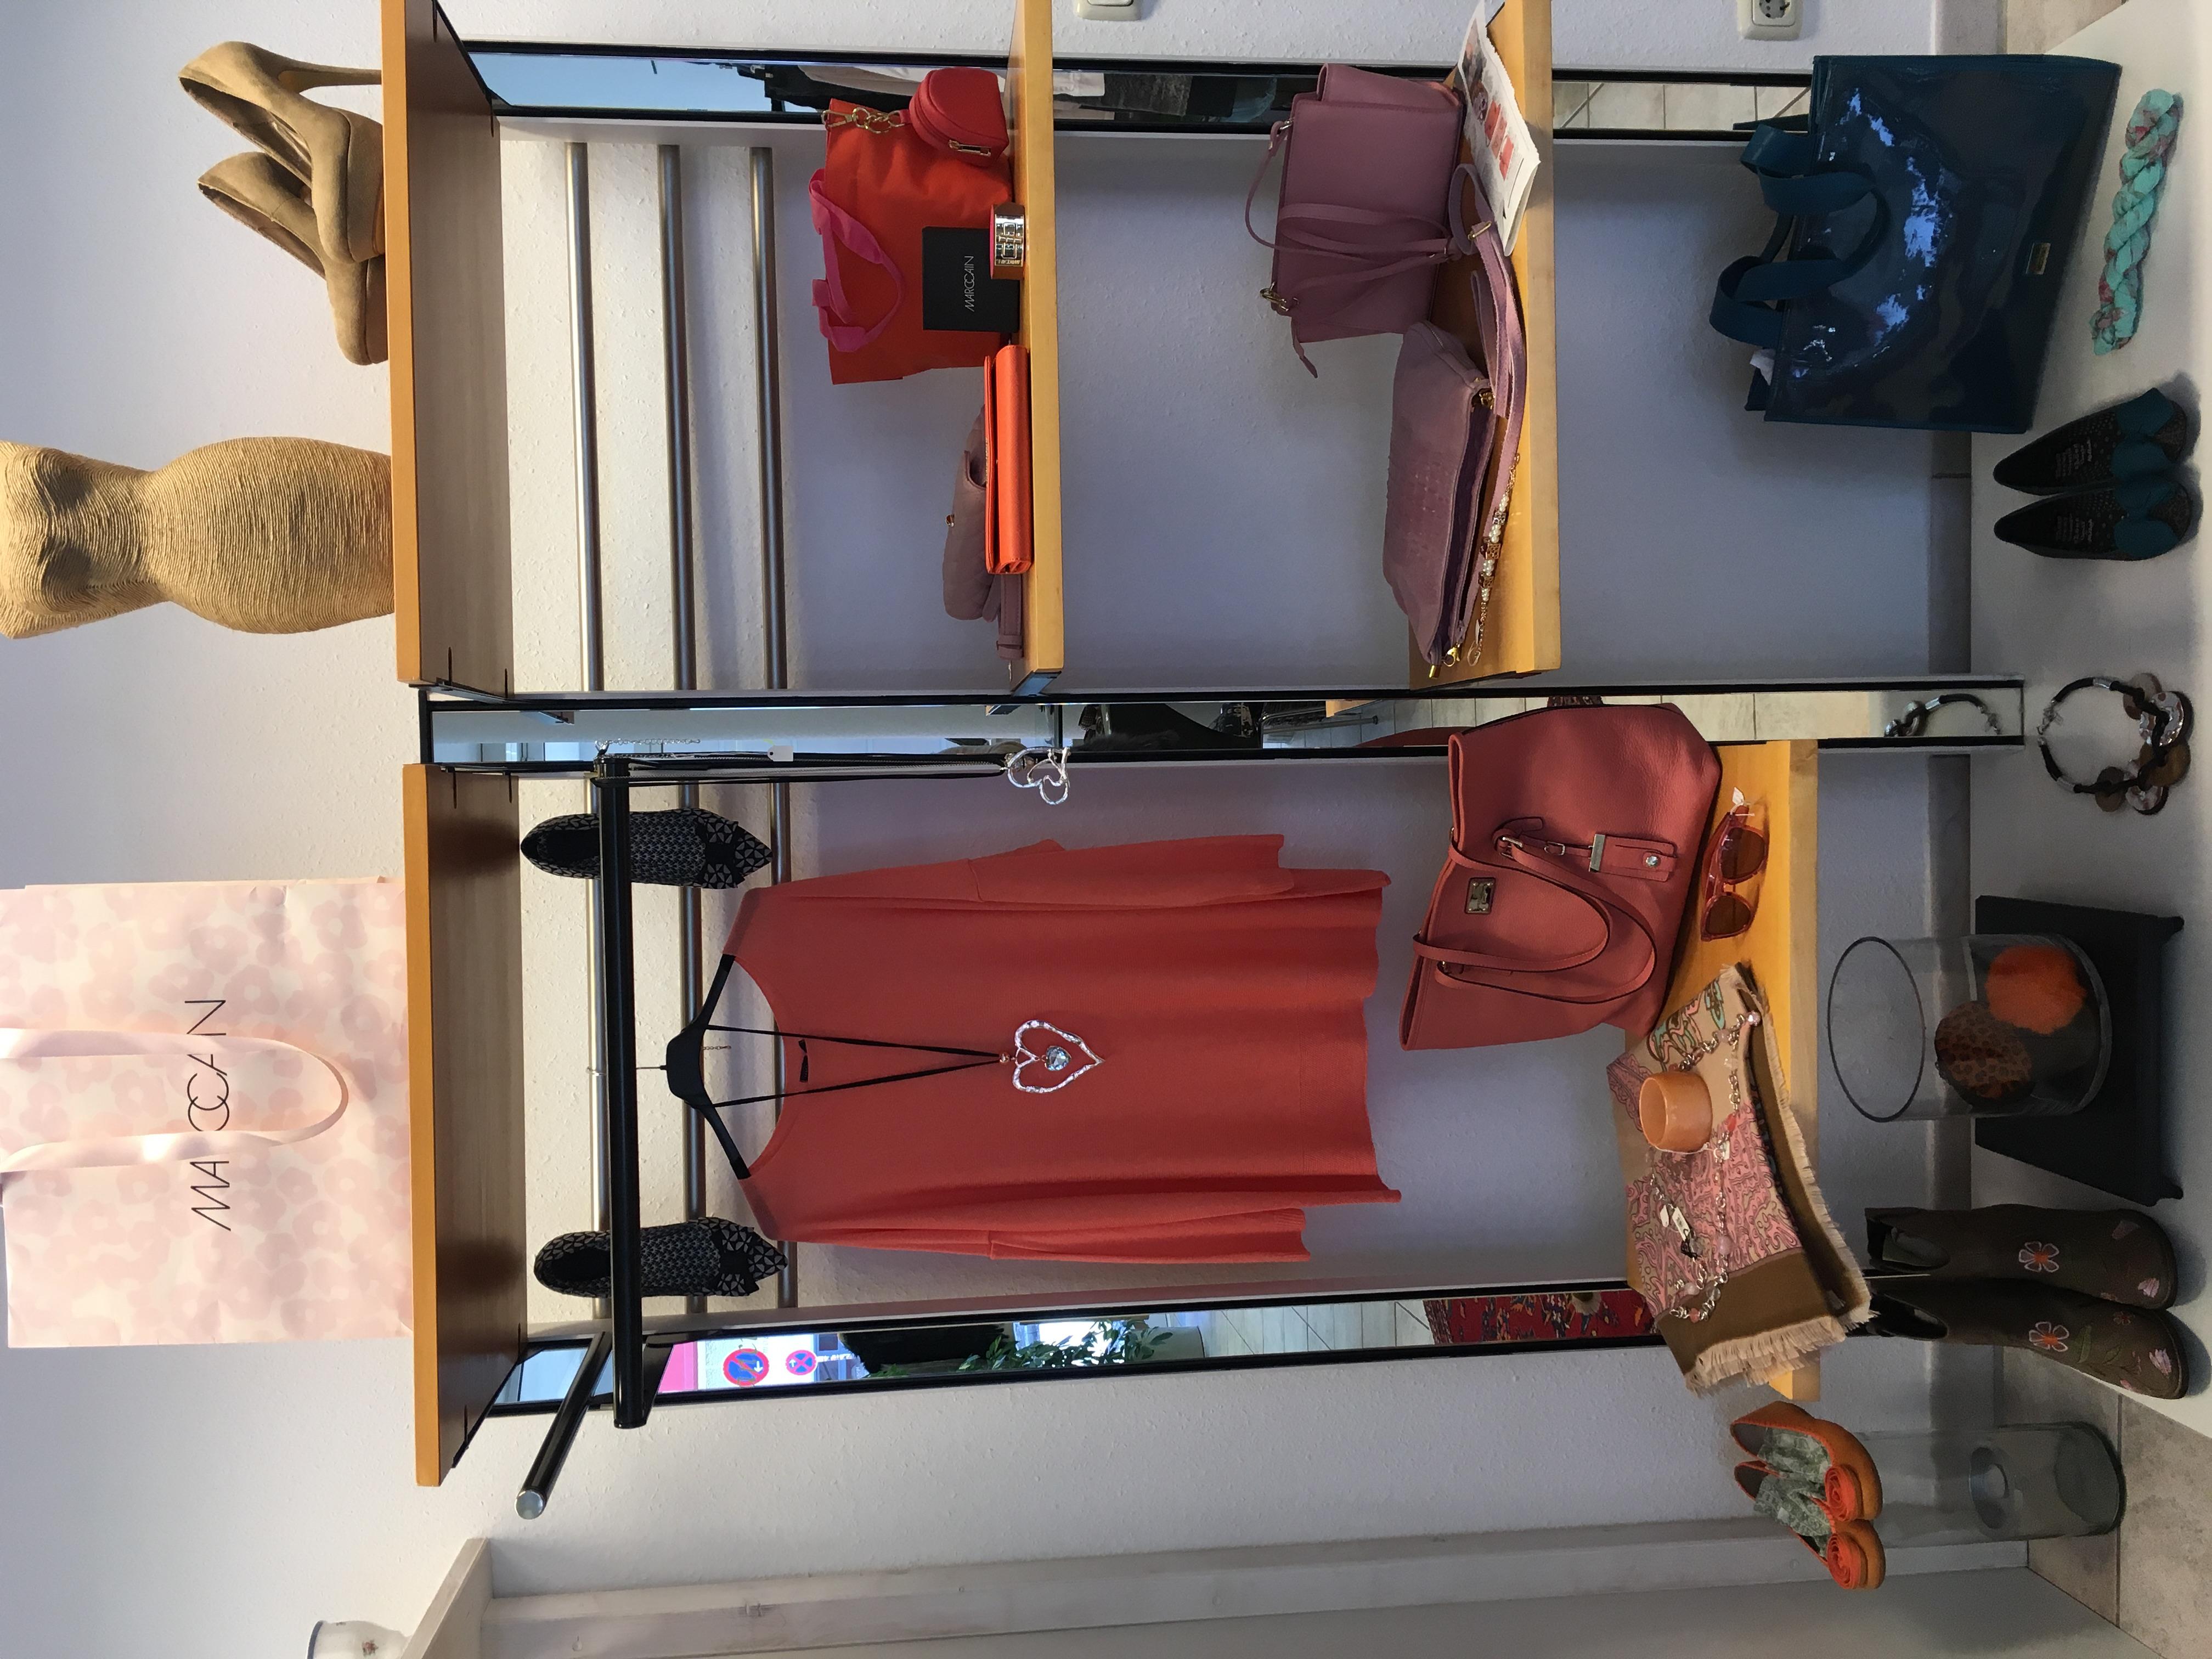 francine designer second hand. Black Bedroom Furniture Sets. Home Design Ideas